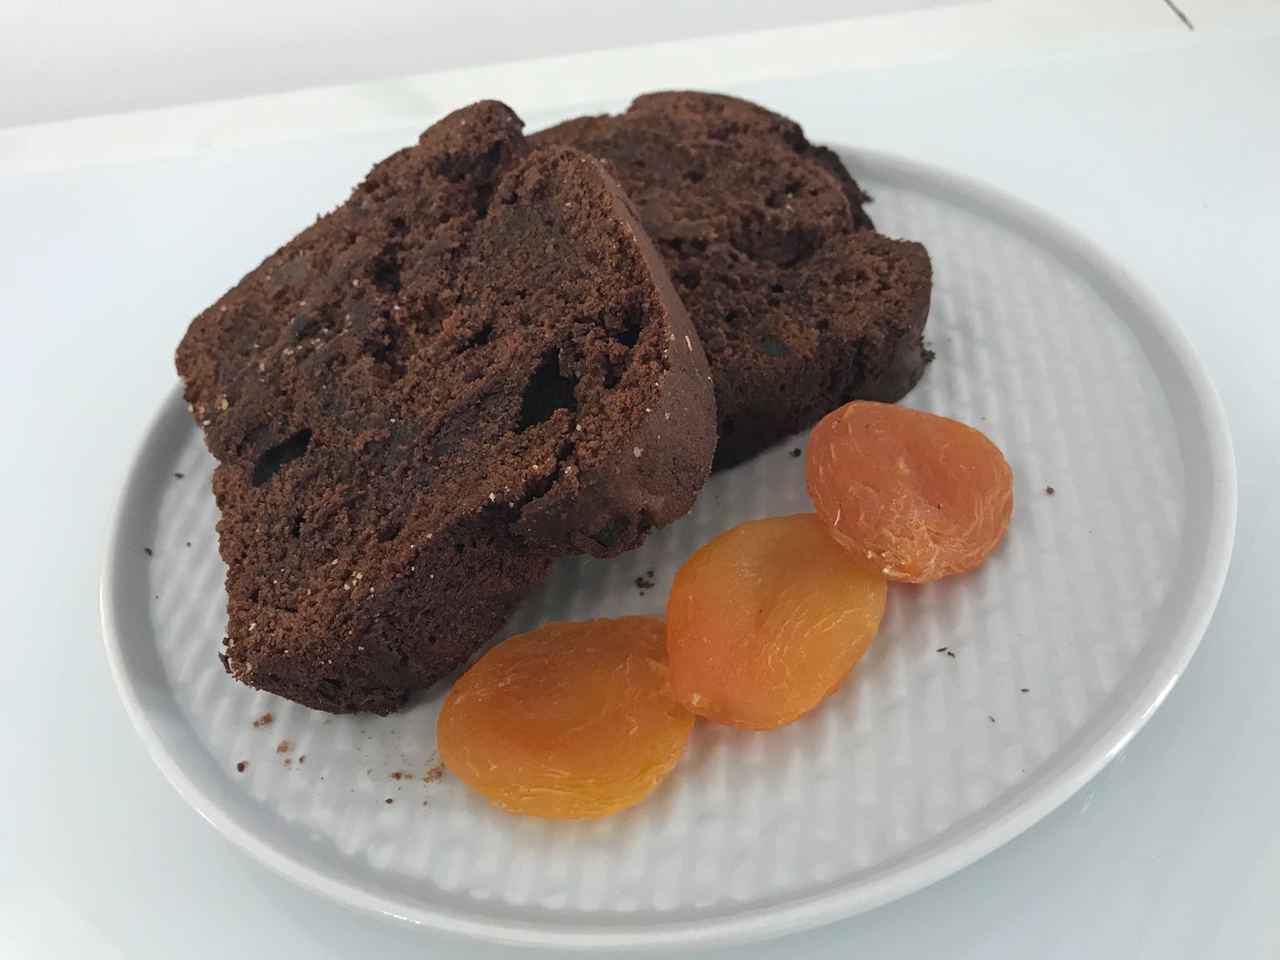 Plumcake al cioccolato e albicocche disidratate